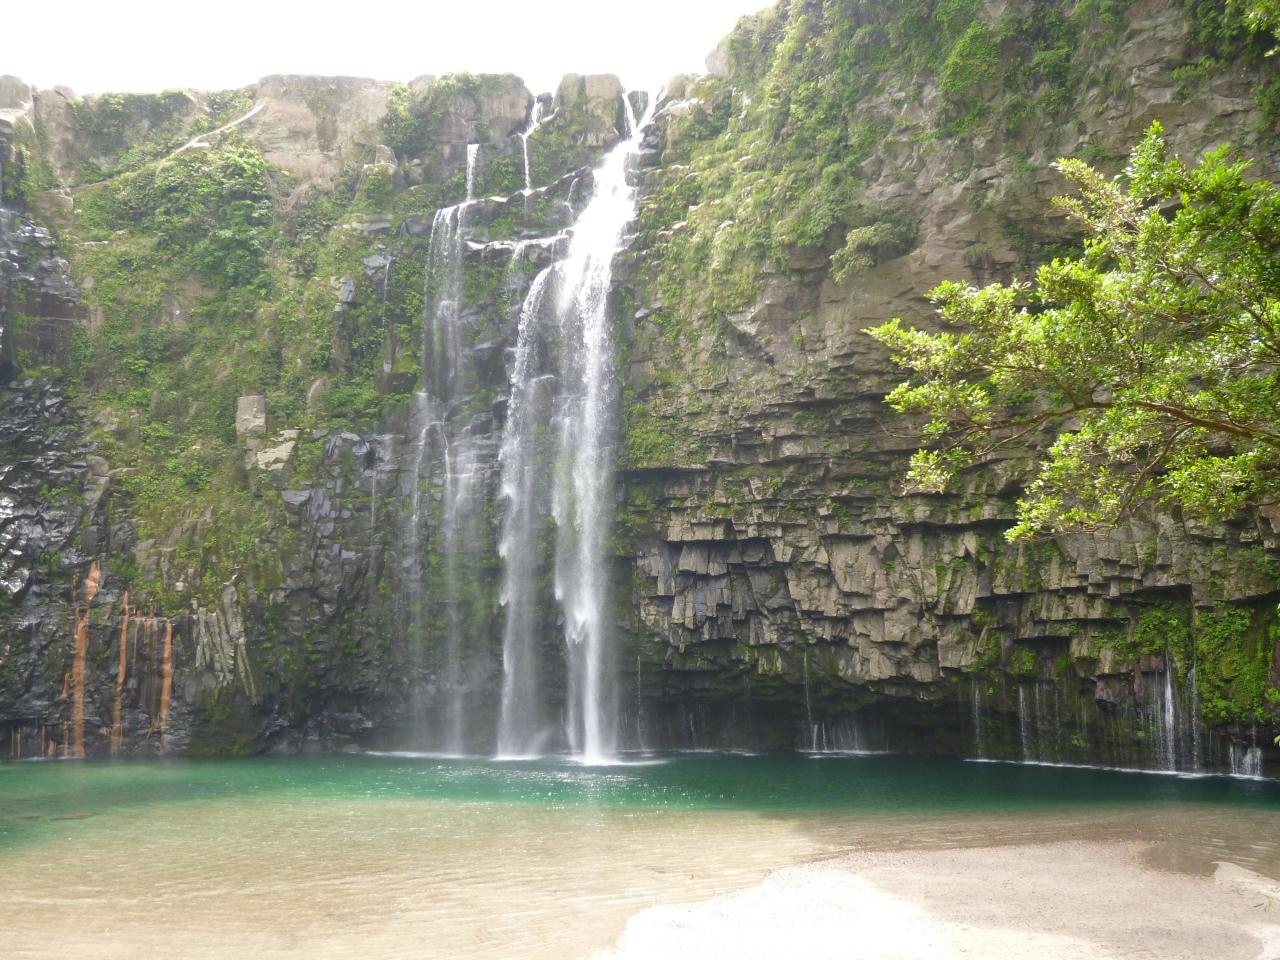 雄川の滝の見所・行き方!おすすめは展望台!魅力的なエメラルドグリーンに感動!